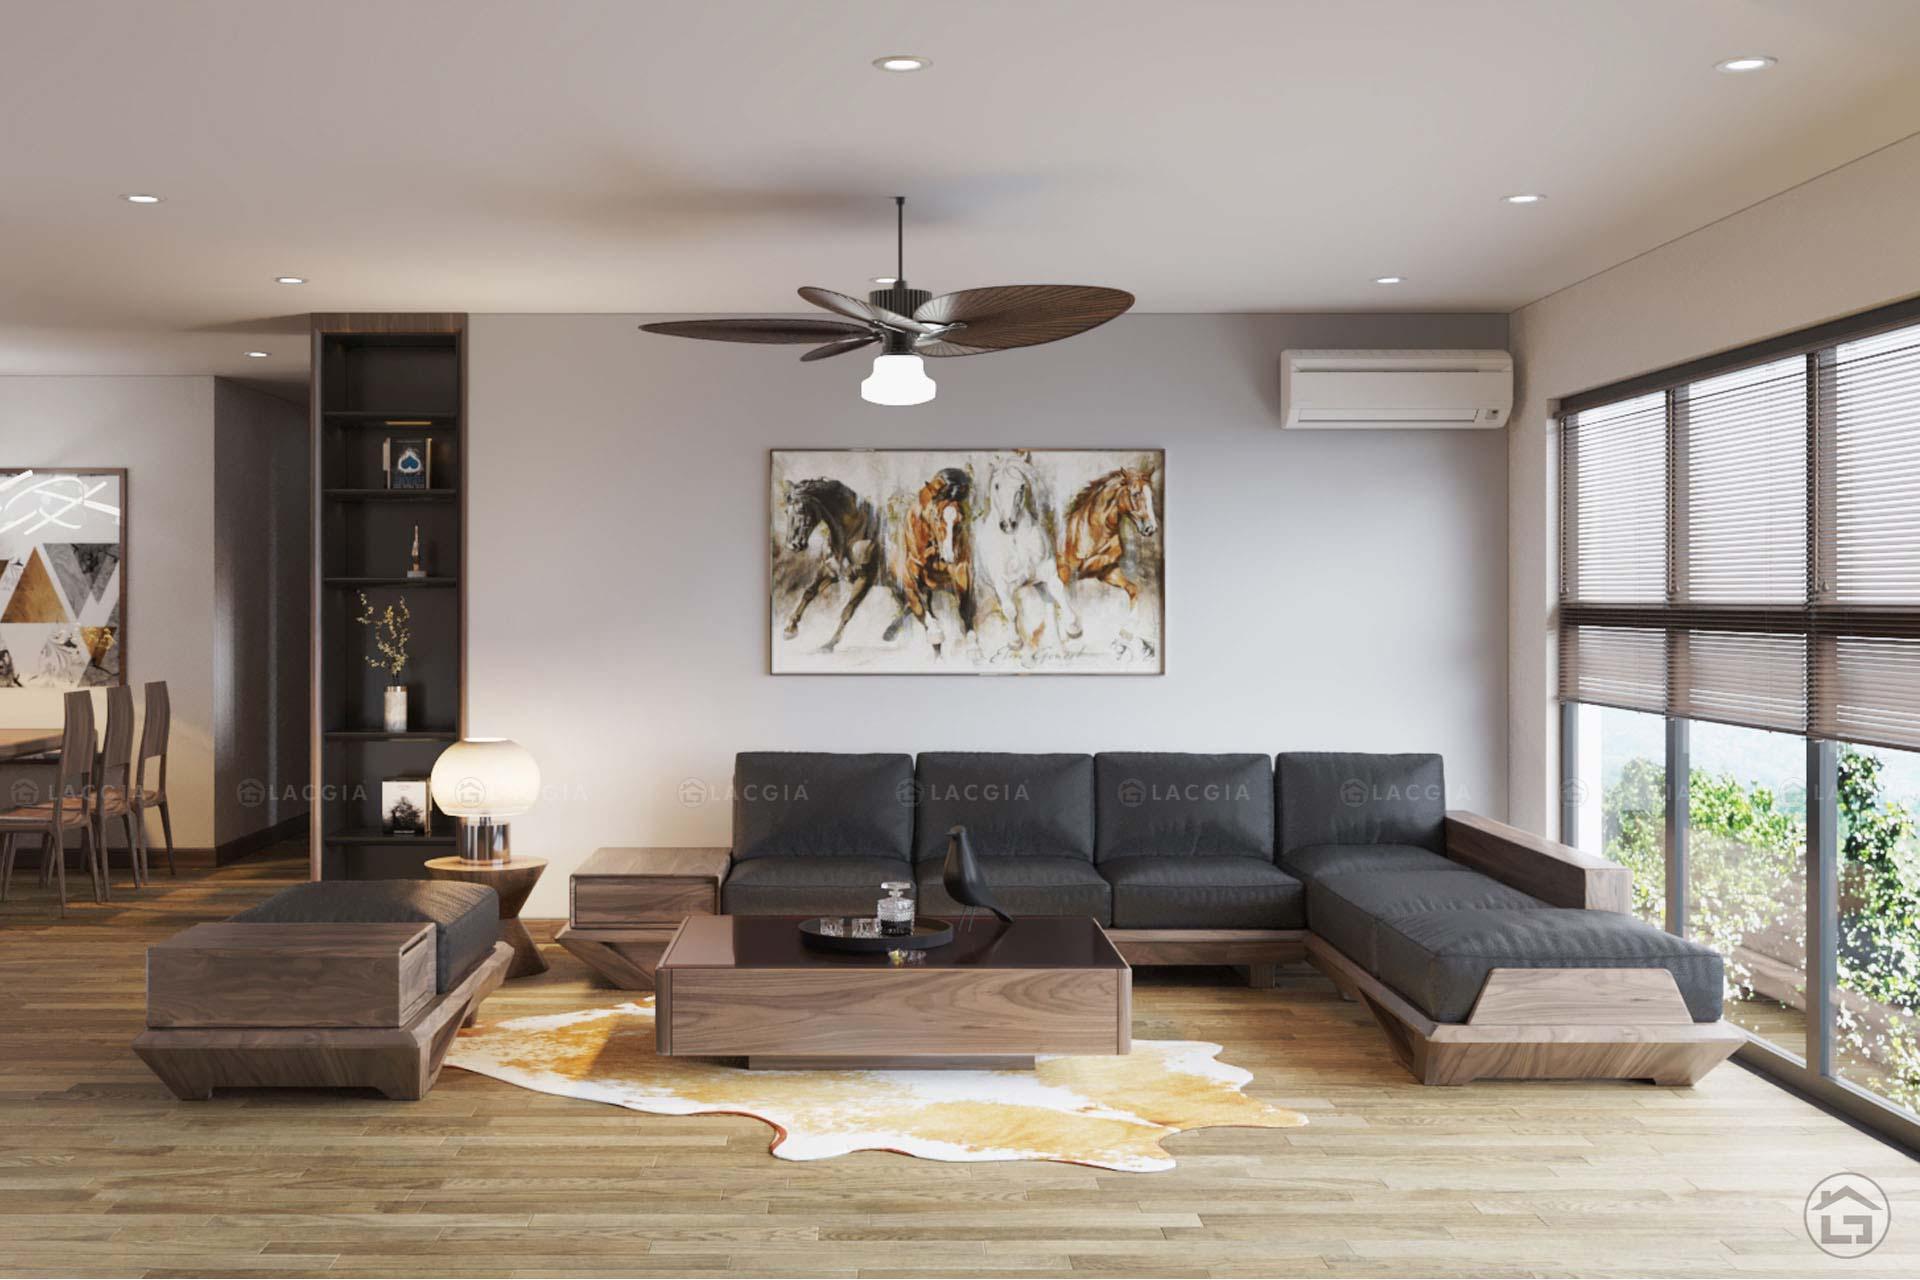 thiet ke noi that chung cu iris garden 4 - Thiết kế nội thất chung cư Iris Garden - Mỹ Đình